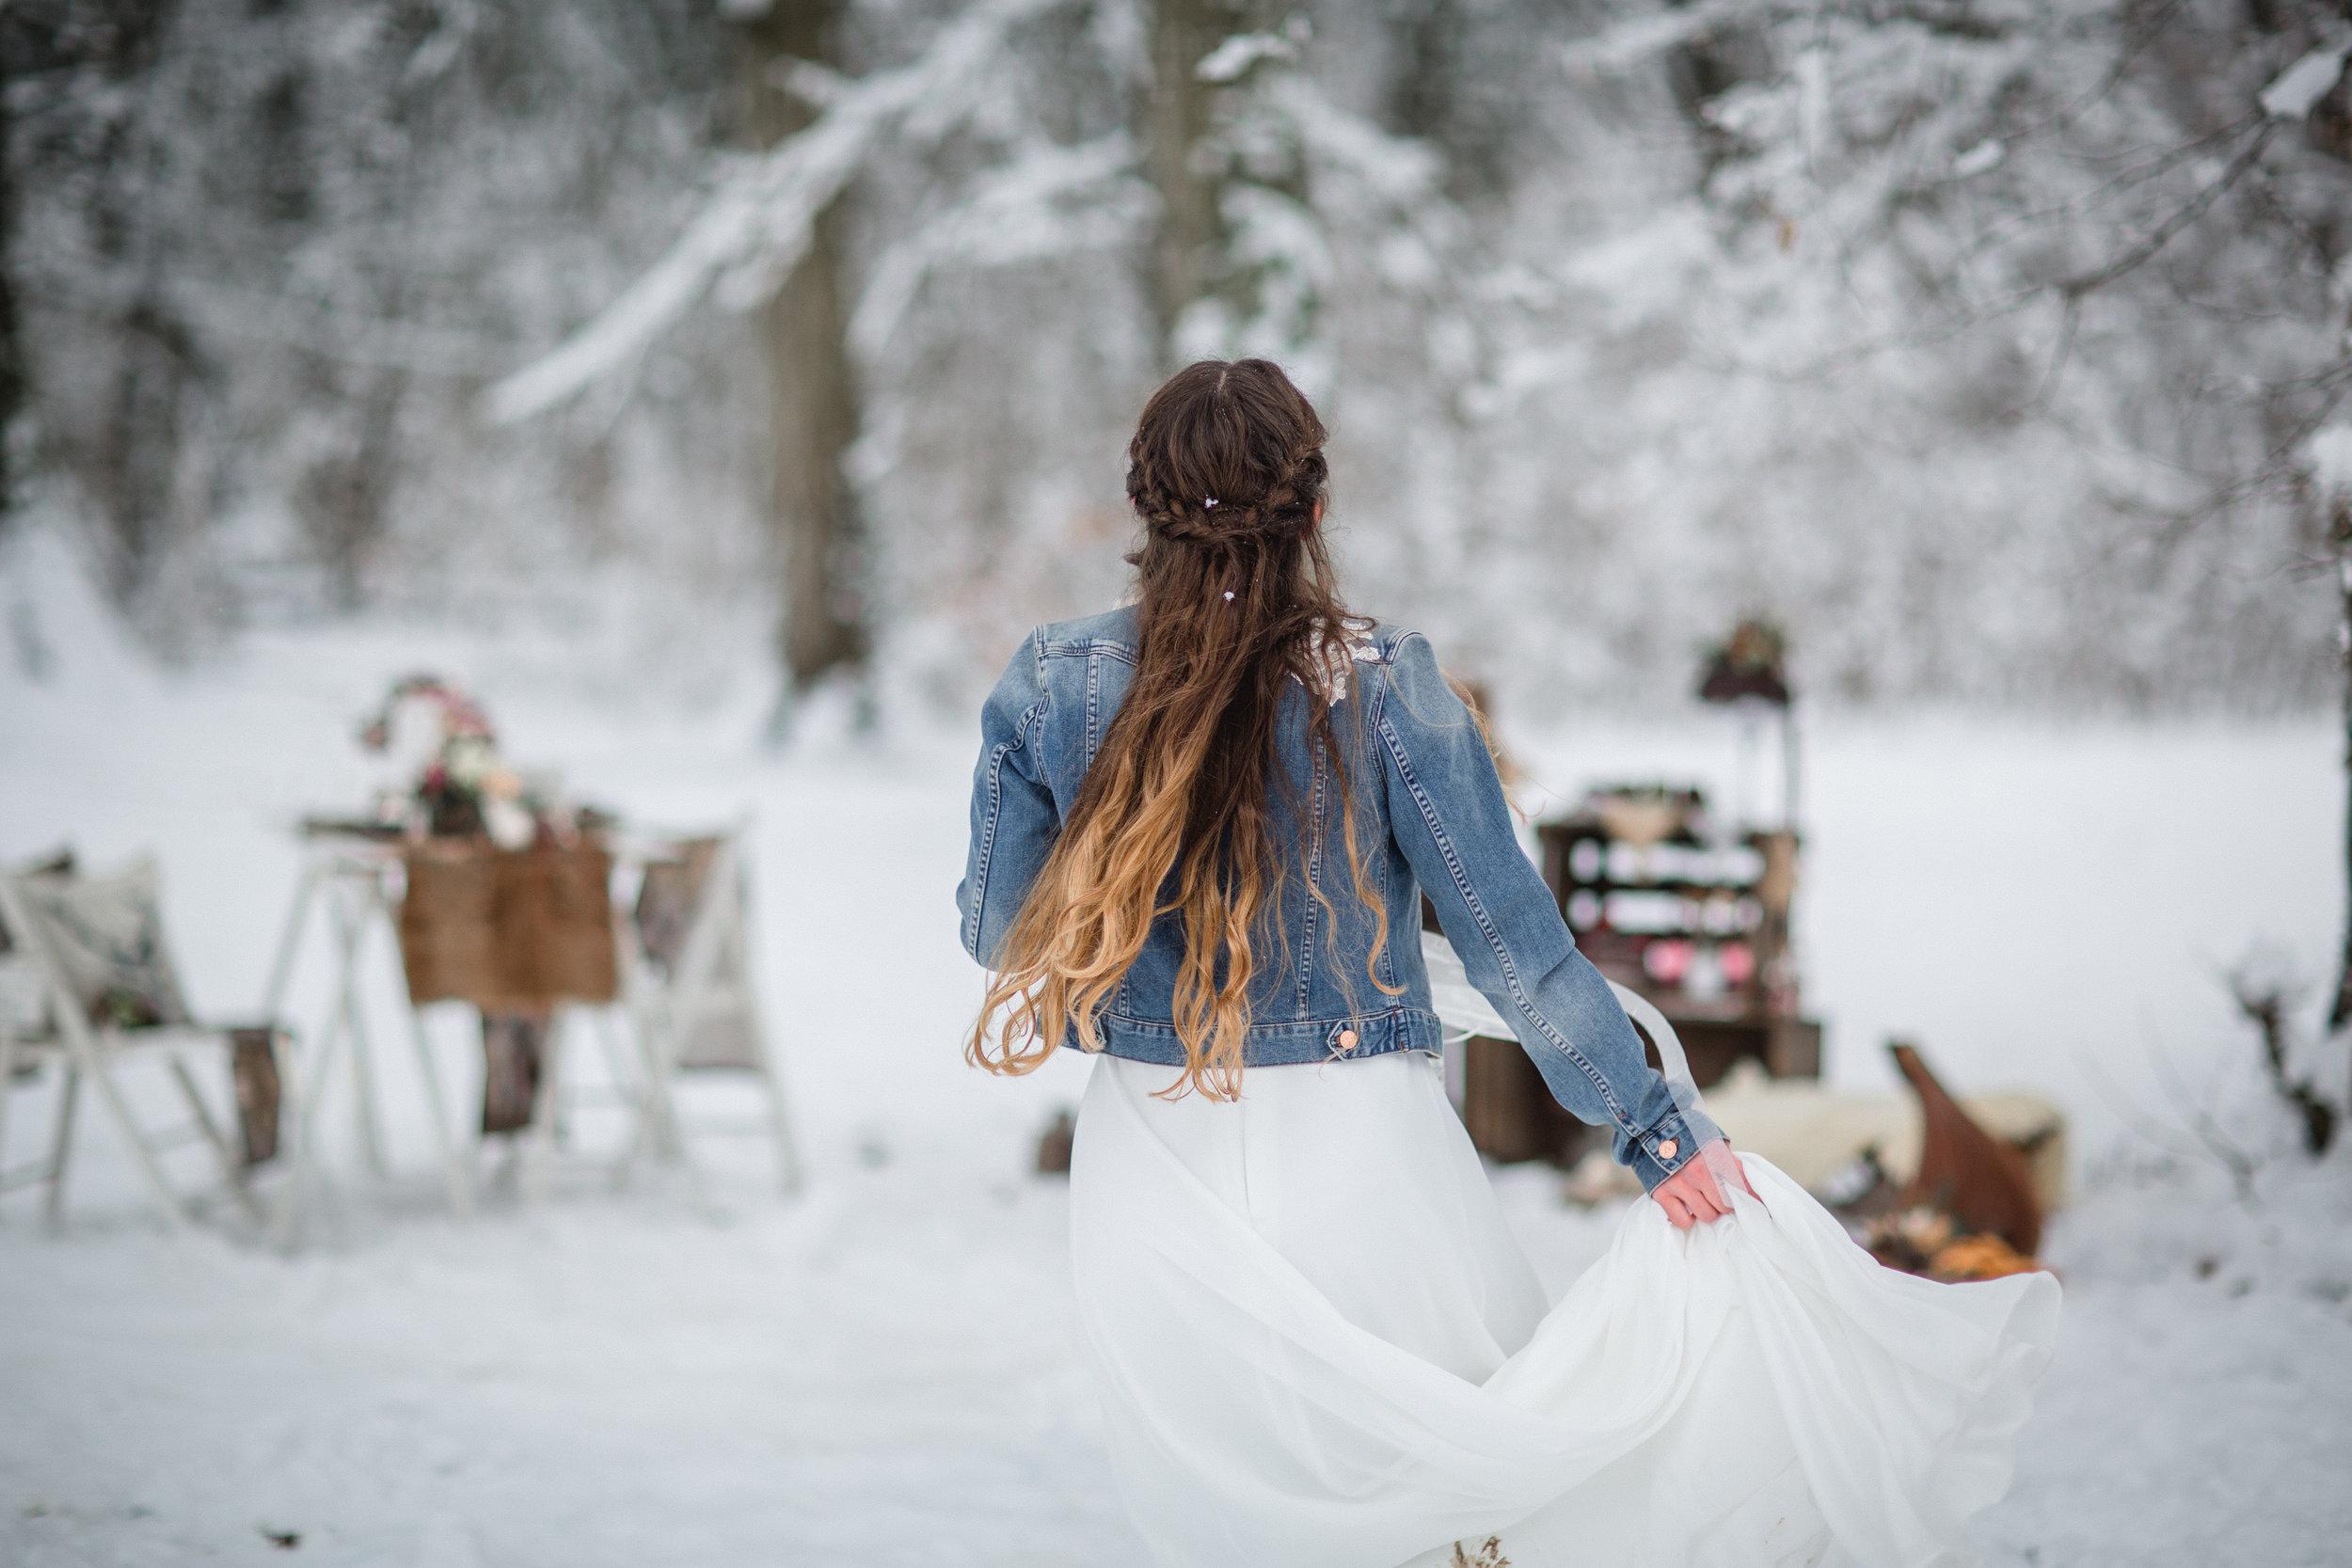 yessica-baur-fotografie-styleshooting-huskies-4274.JPG